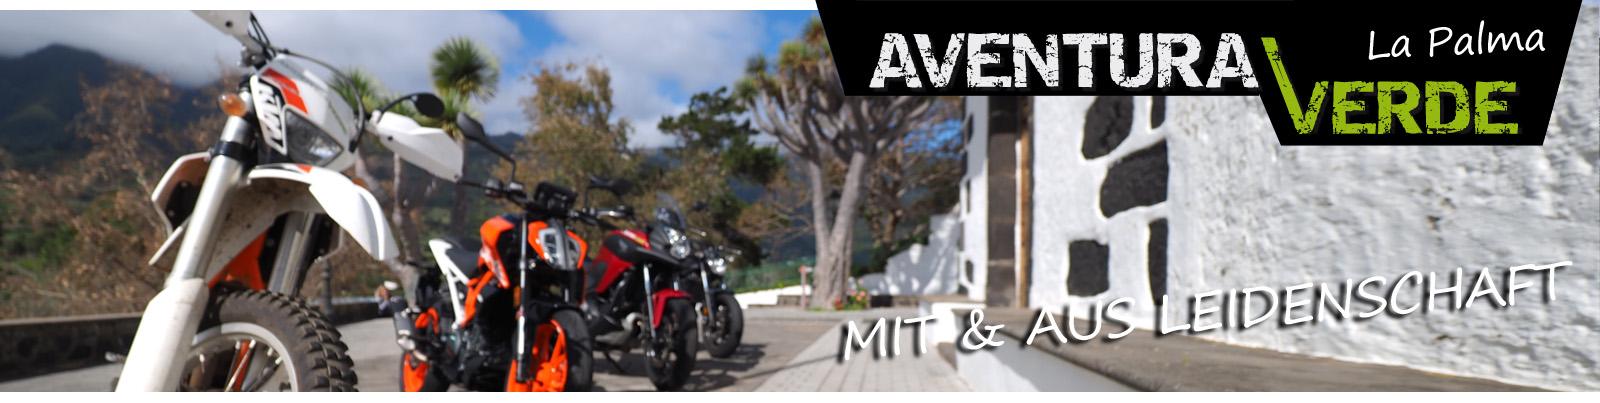 Aventura Verde - La Palma - Motorradvermietung